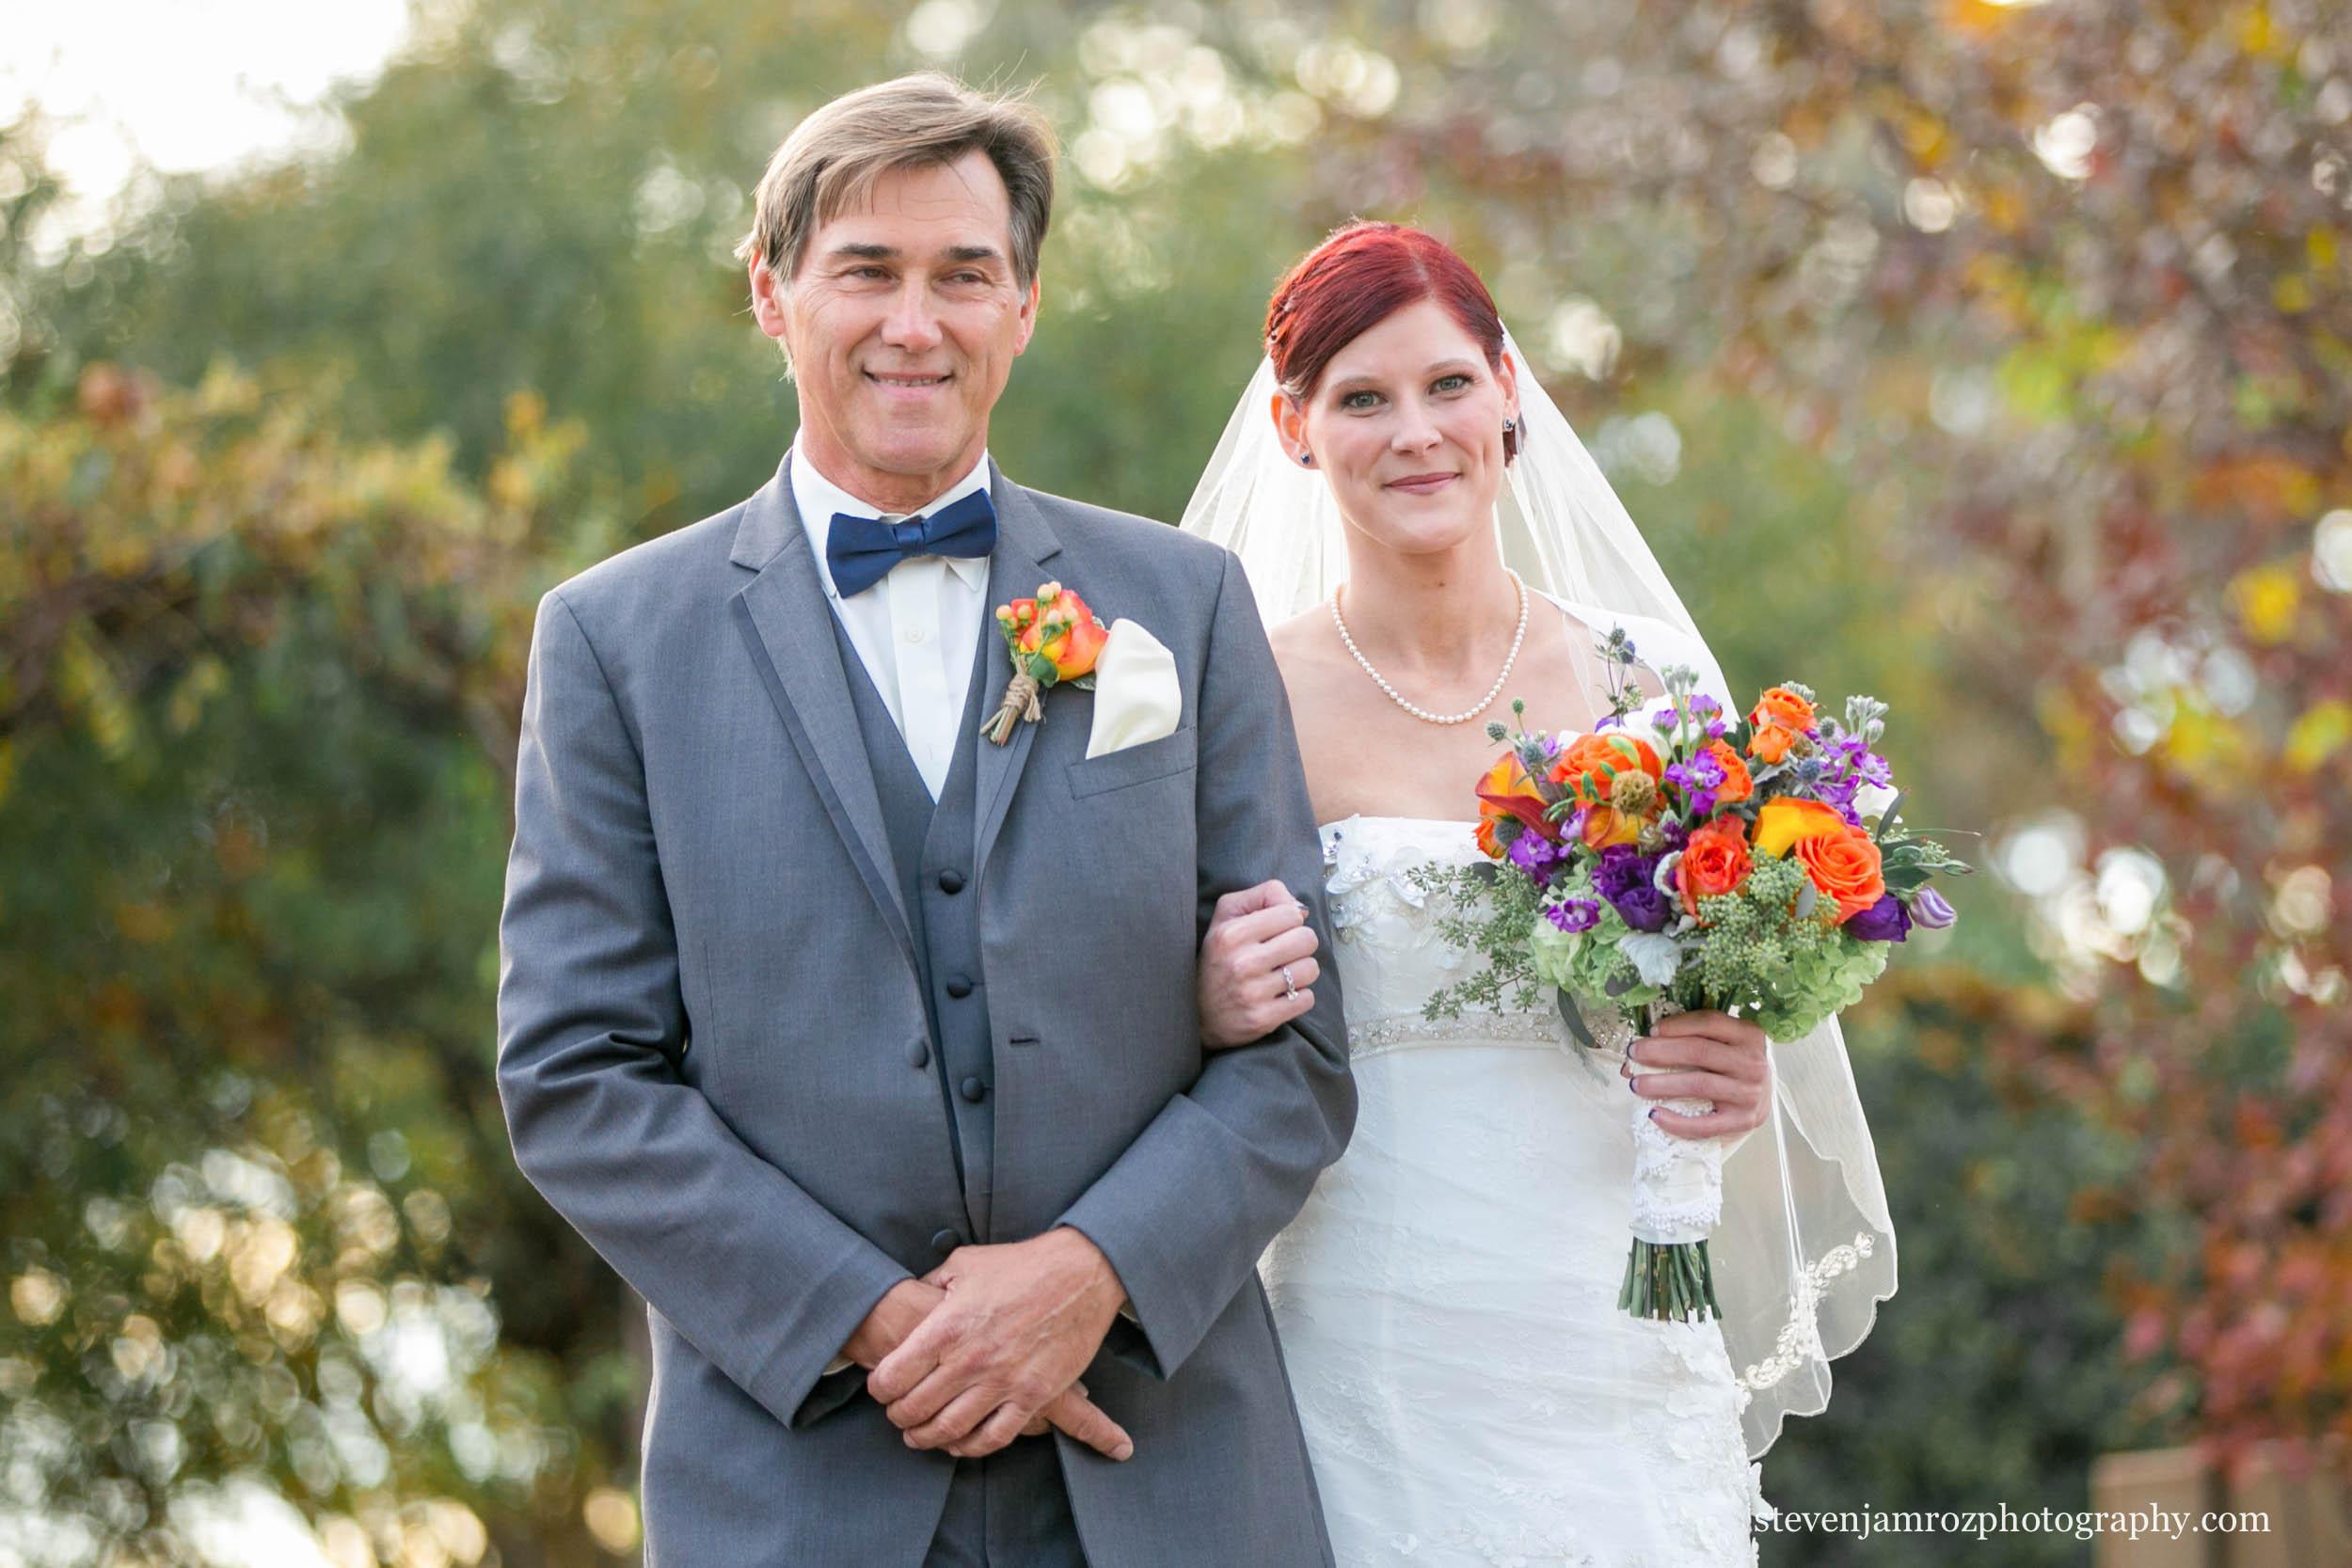 outside-wedding-hudson-manor-steven-jamroz-photography-0390.jpg